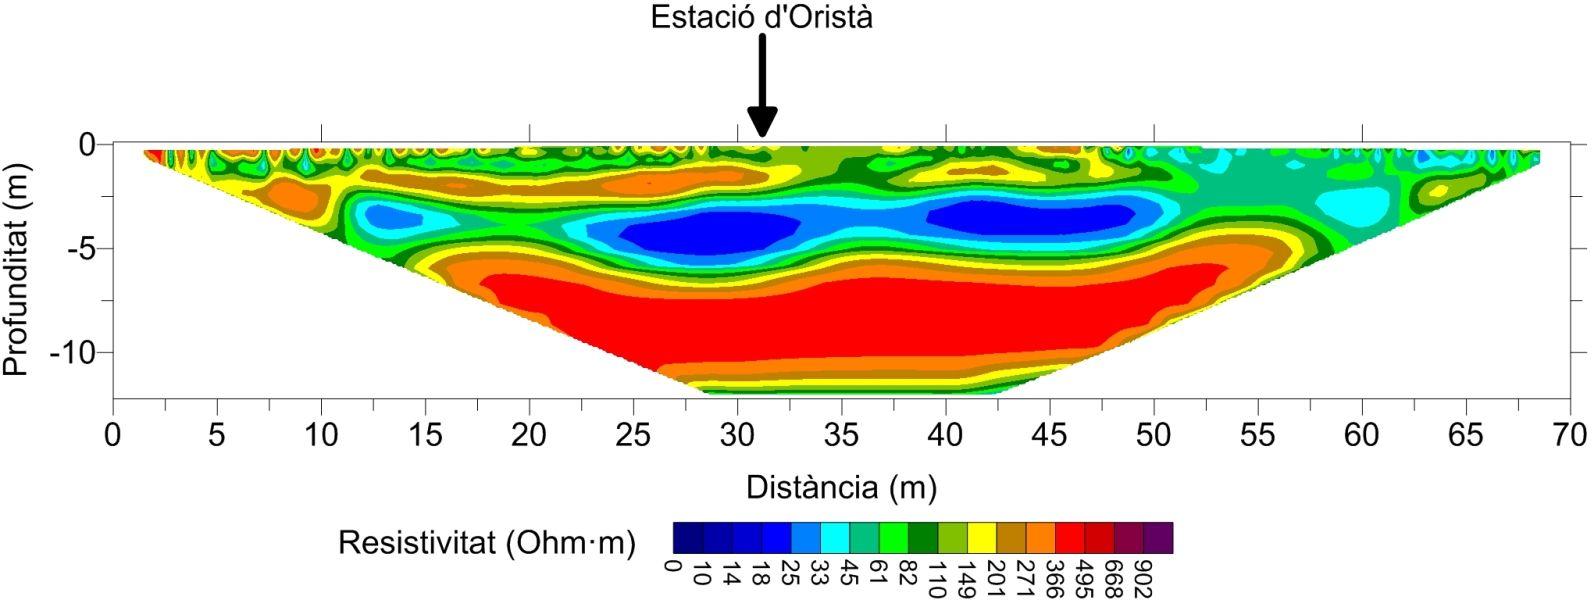 Model superficial de resistivitat elèctrica amb la ubicació del pou sísmic d'Oristà.